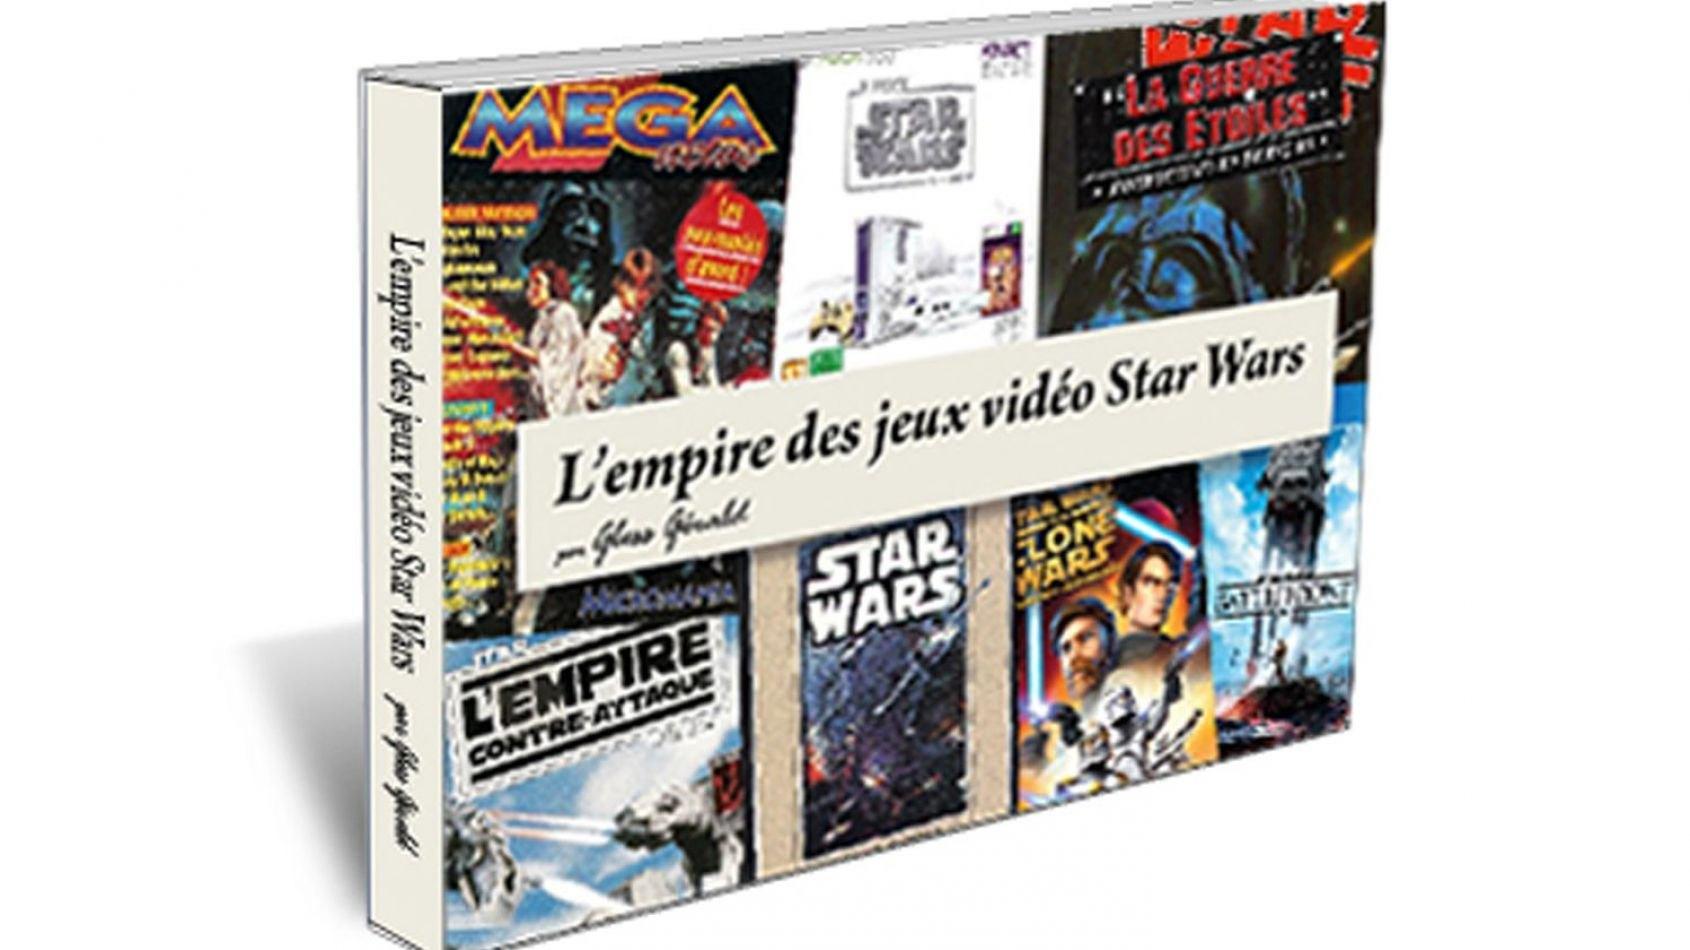 Un livre français sur les jeux vidéos Star Wars?